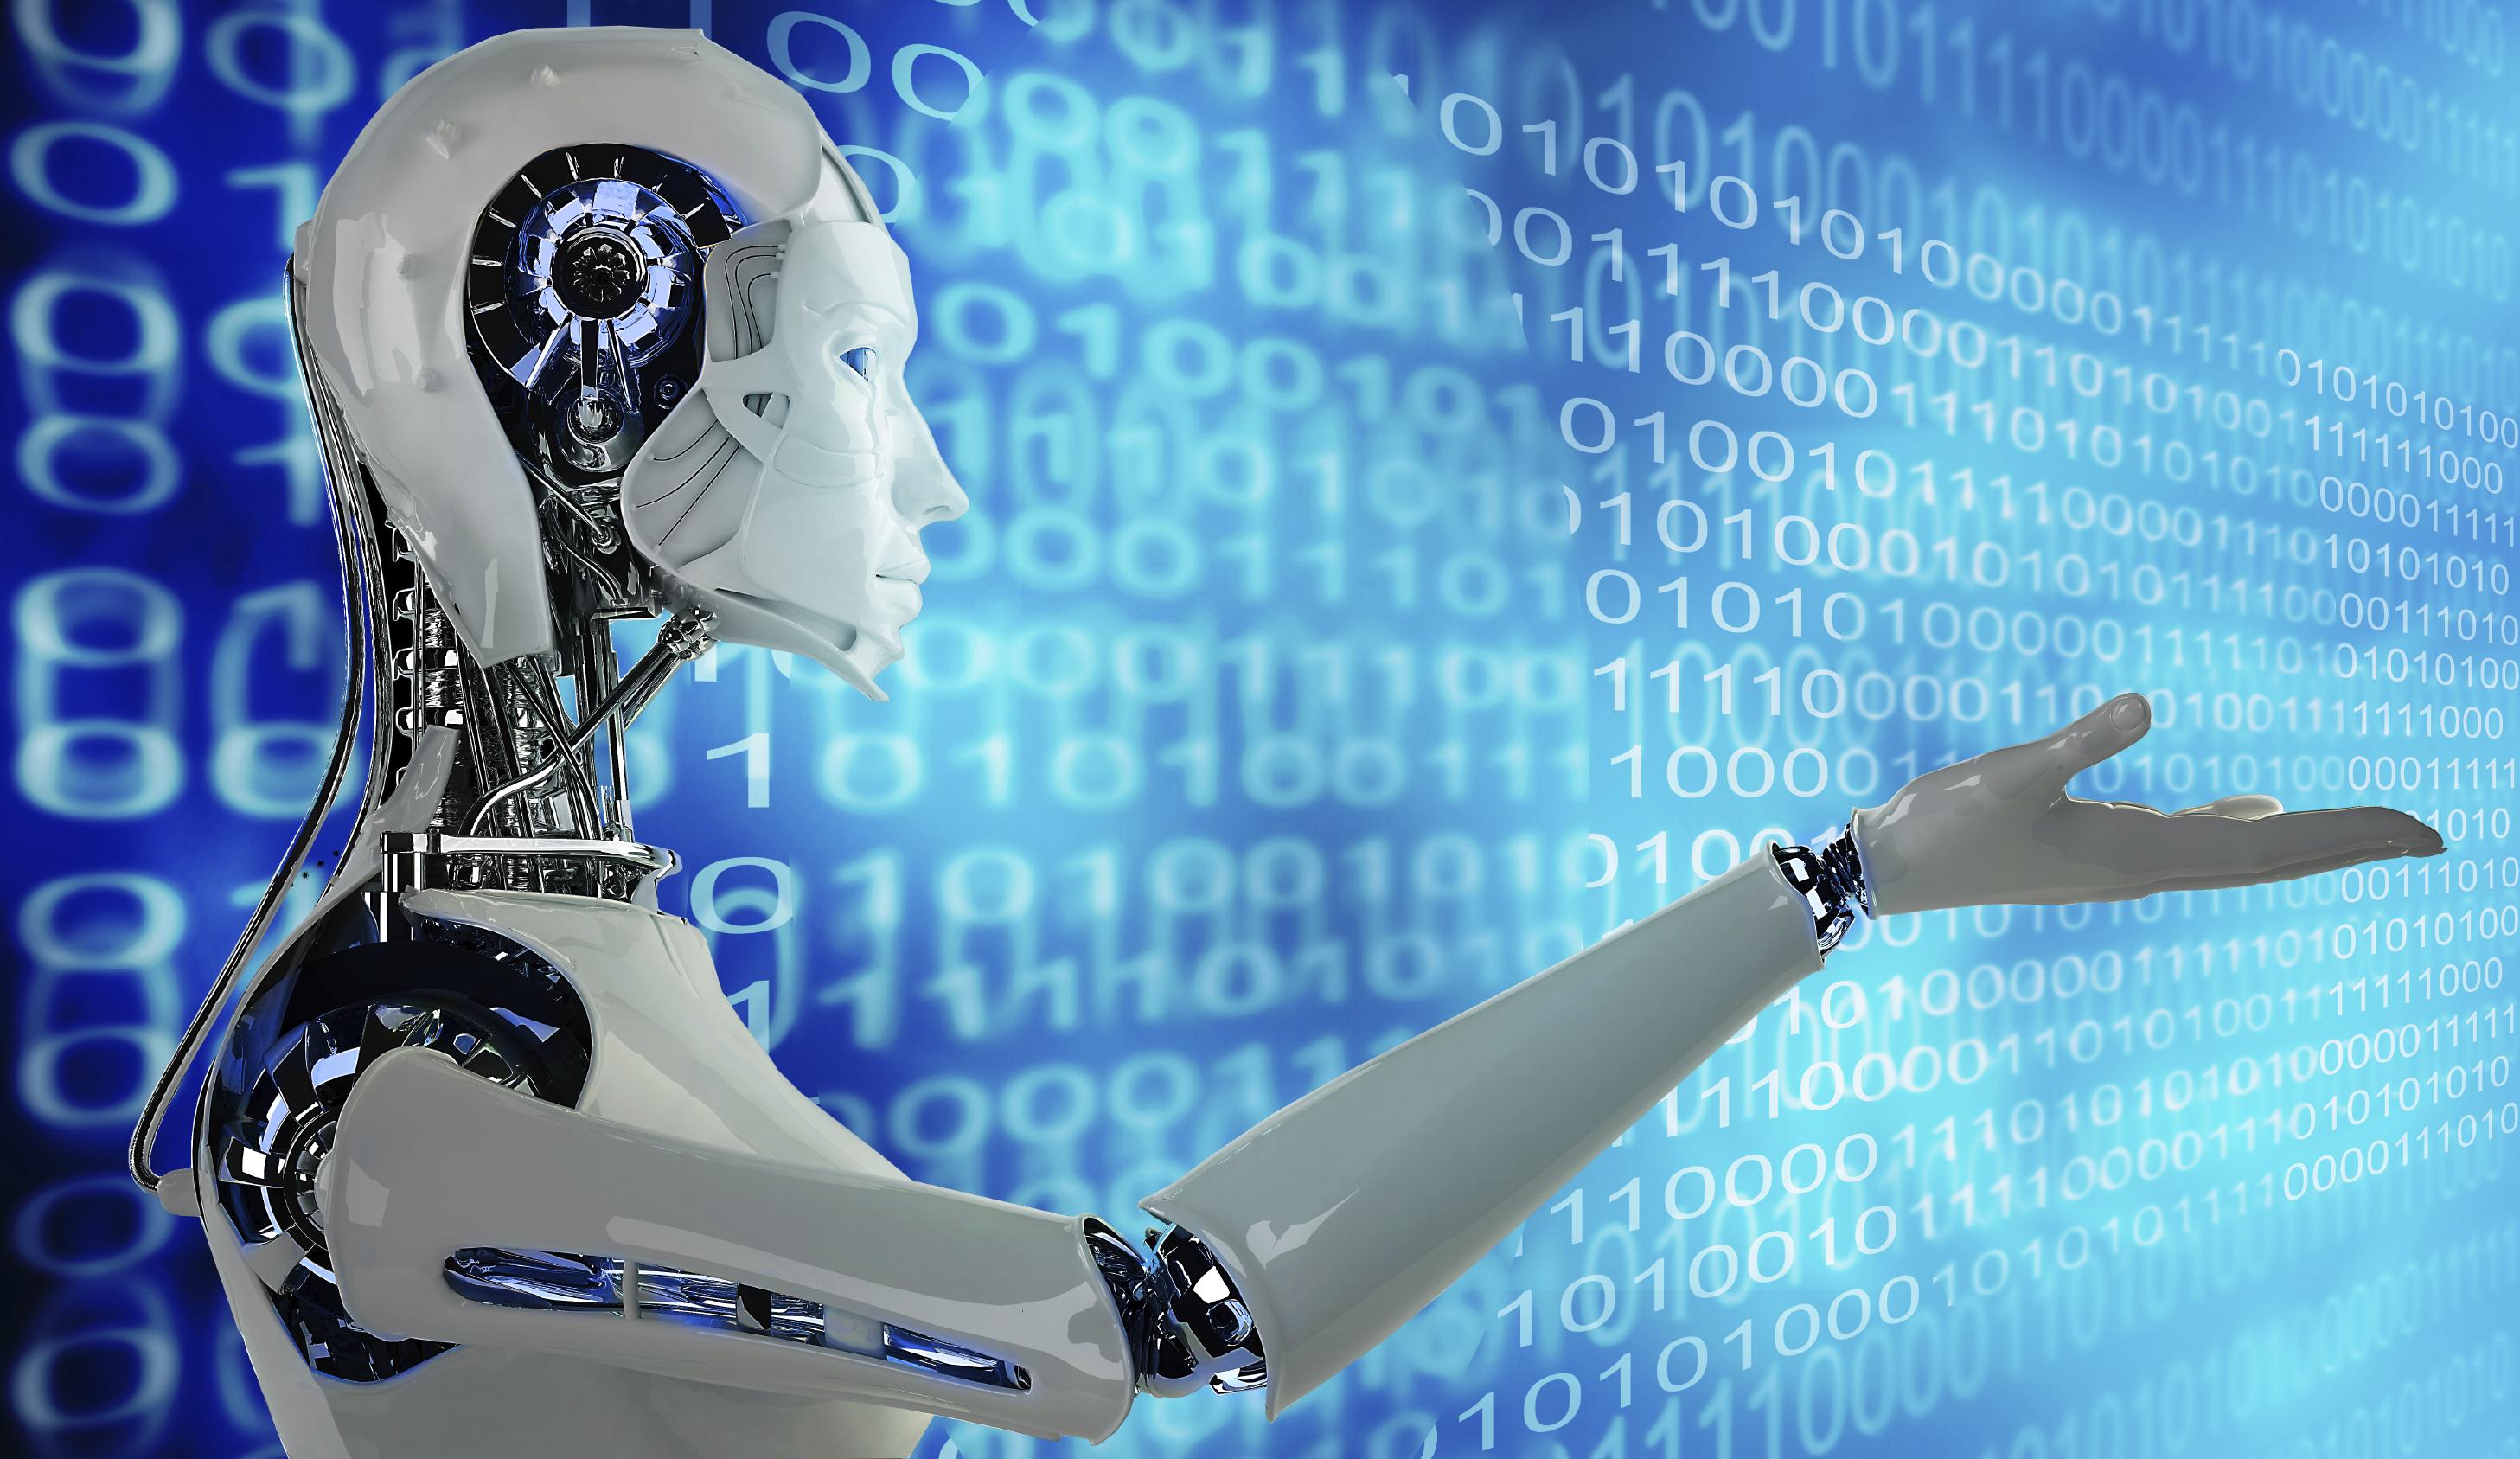 mer-bot humanoid robot